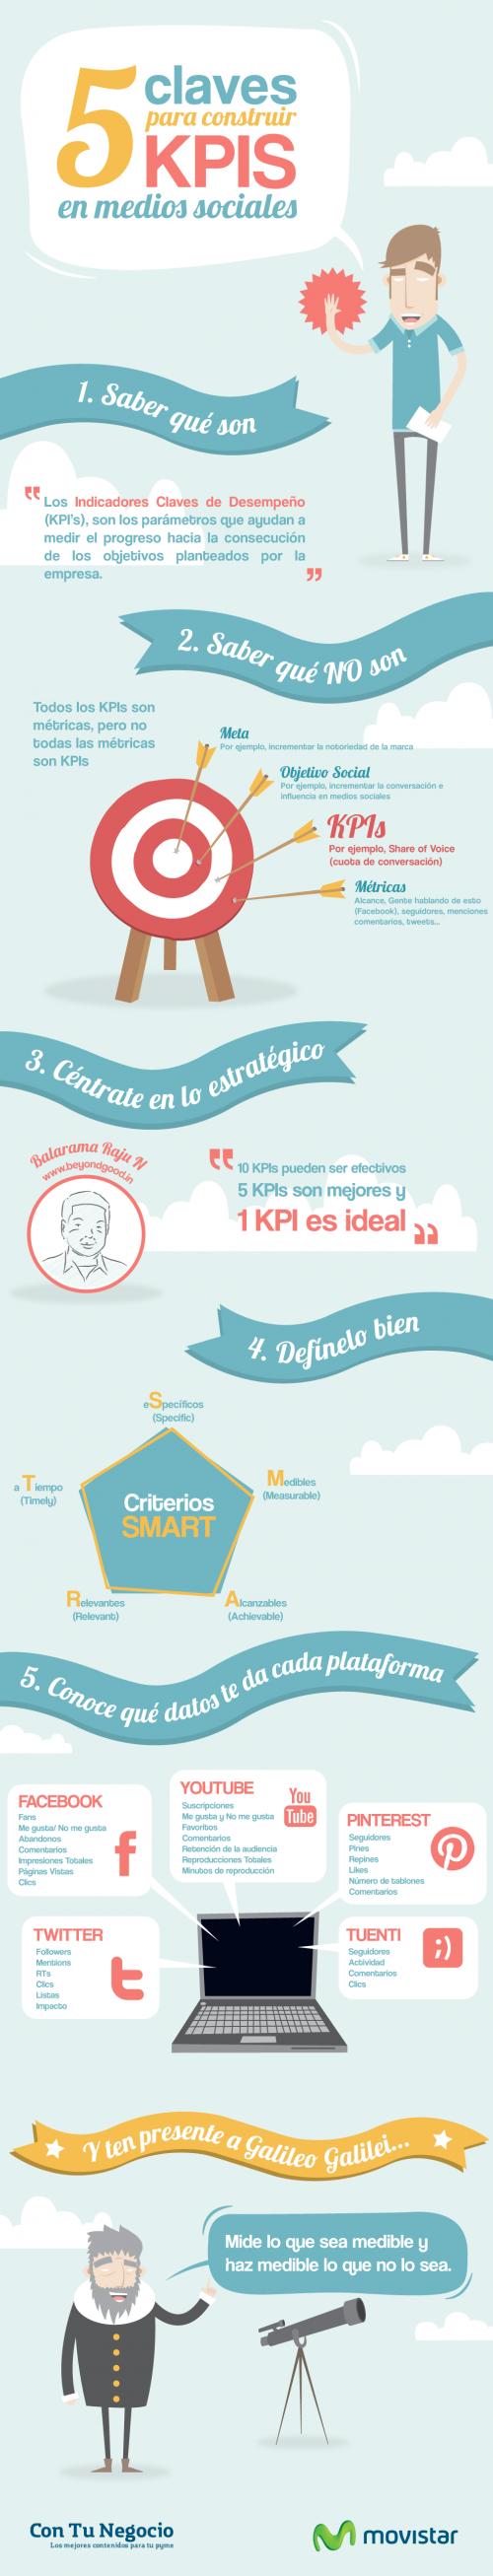 Infografía: 5 claves para construir KPIs en medios sociales